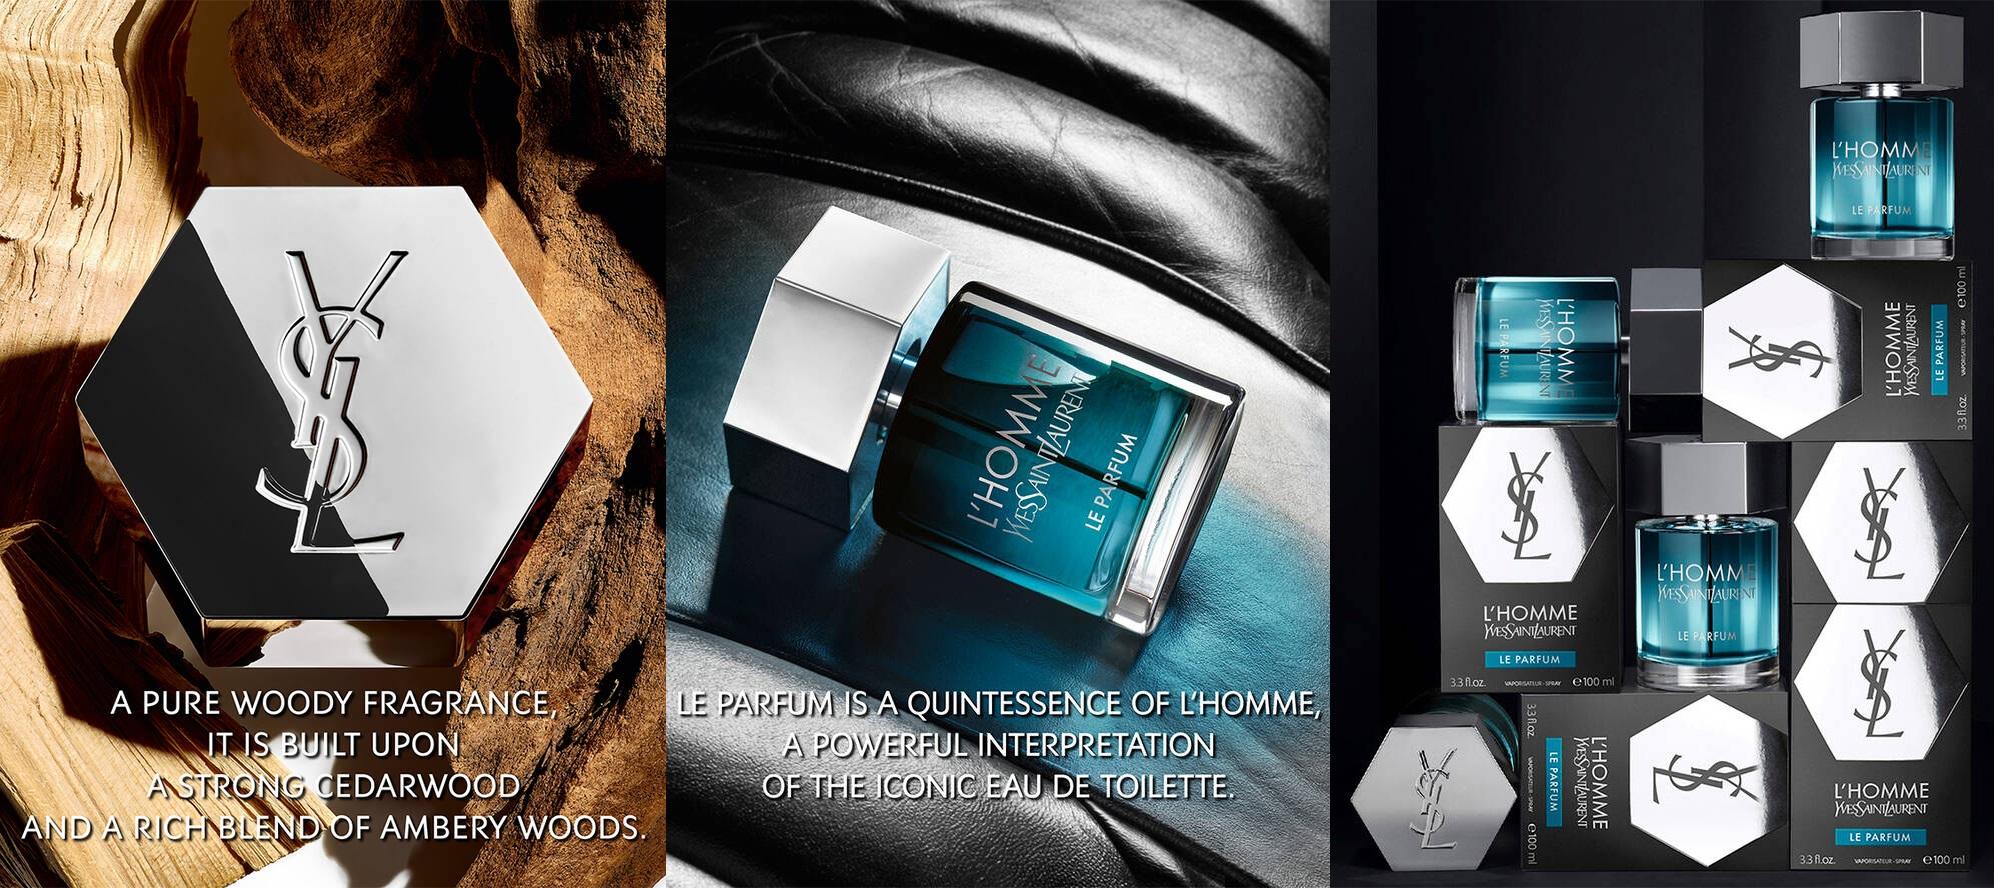 YSL L'Homme Le Parfum